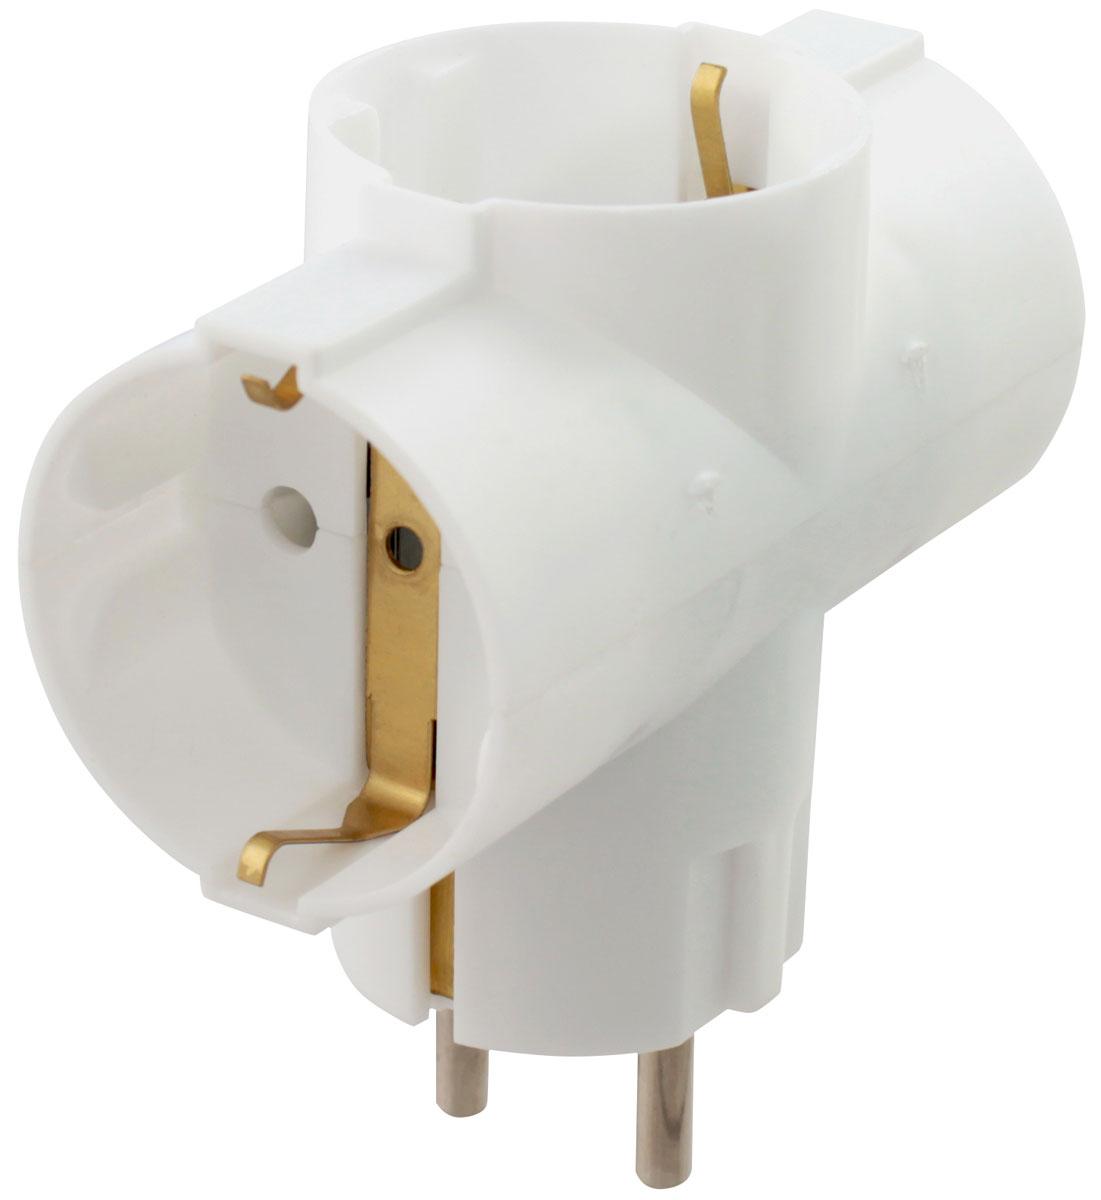 Адаптер сетевой Старт SA1/3-Z на 3 розетки05513Адаптер Старт SA1/3-Z с тремя гнездами изготовлен из негорючего РР- пластика. Корпус адаптера неразборный и обладает ударопрочными свойствами. Контакты заземления и электрические контакты выполнены из латуни, что предотвращает их ломкость. Заземление делает адаптер безопаснее и позволяет избежать коротких замыканий и поражения электрическим током.